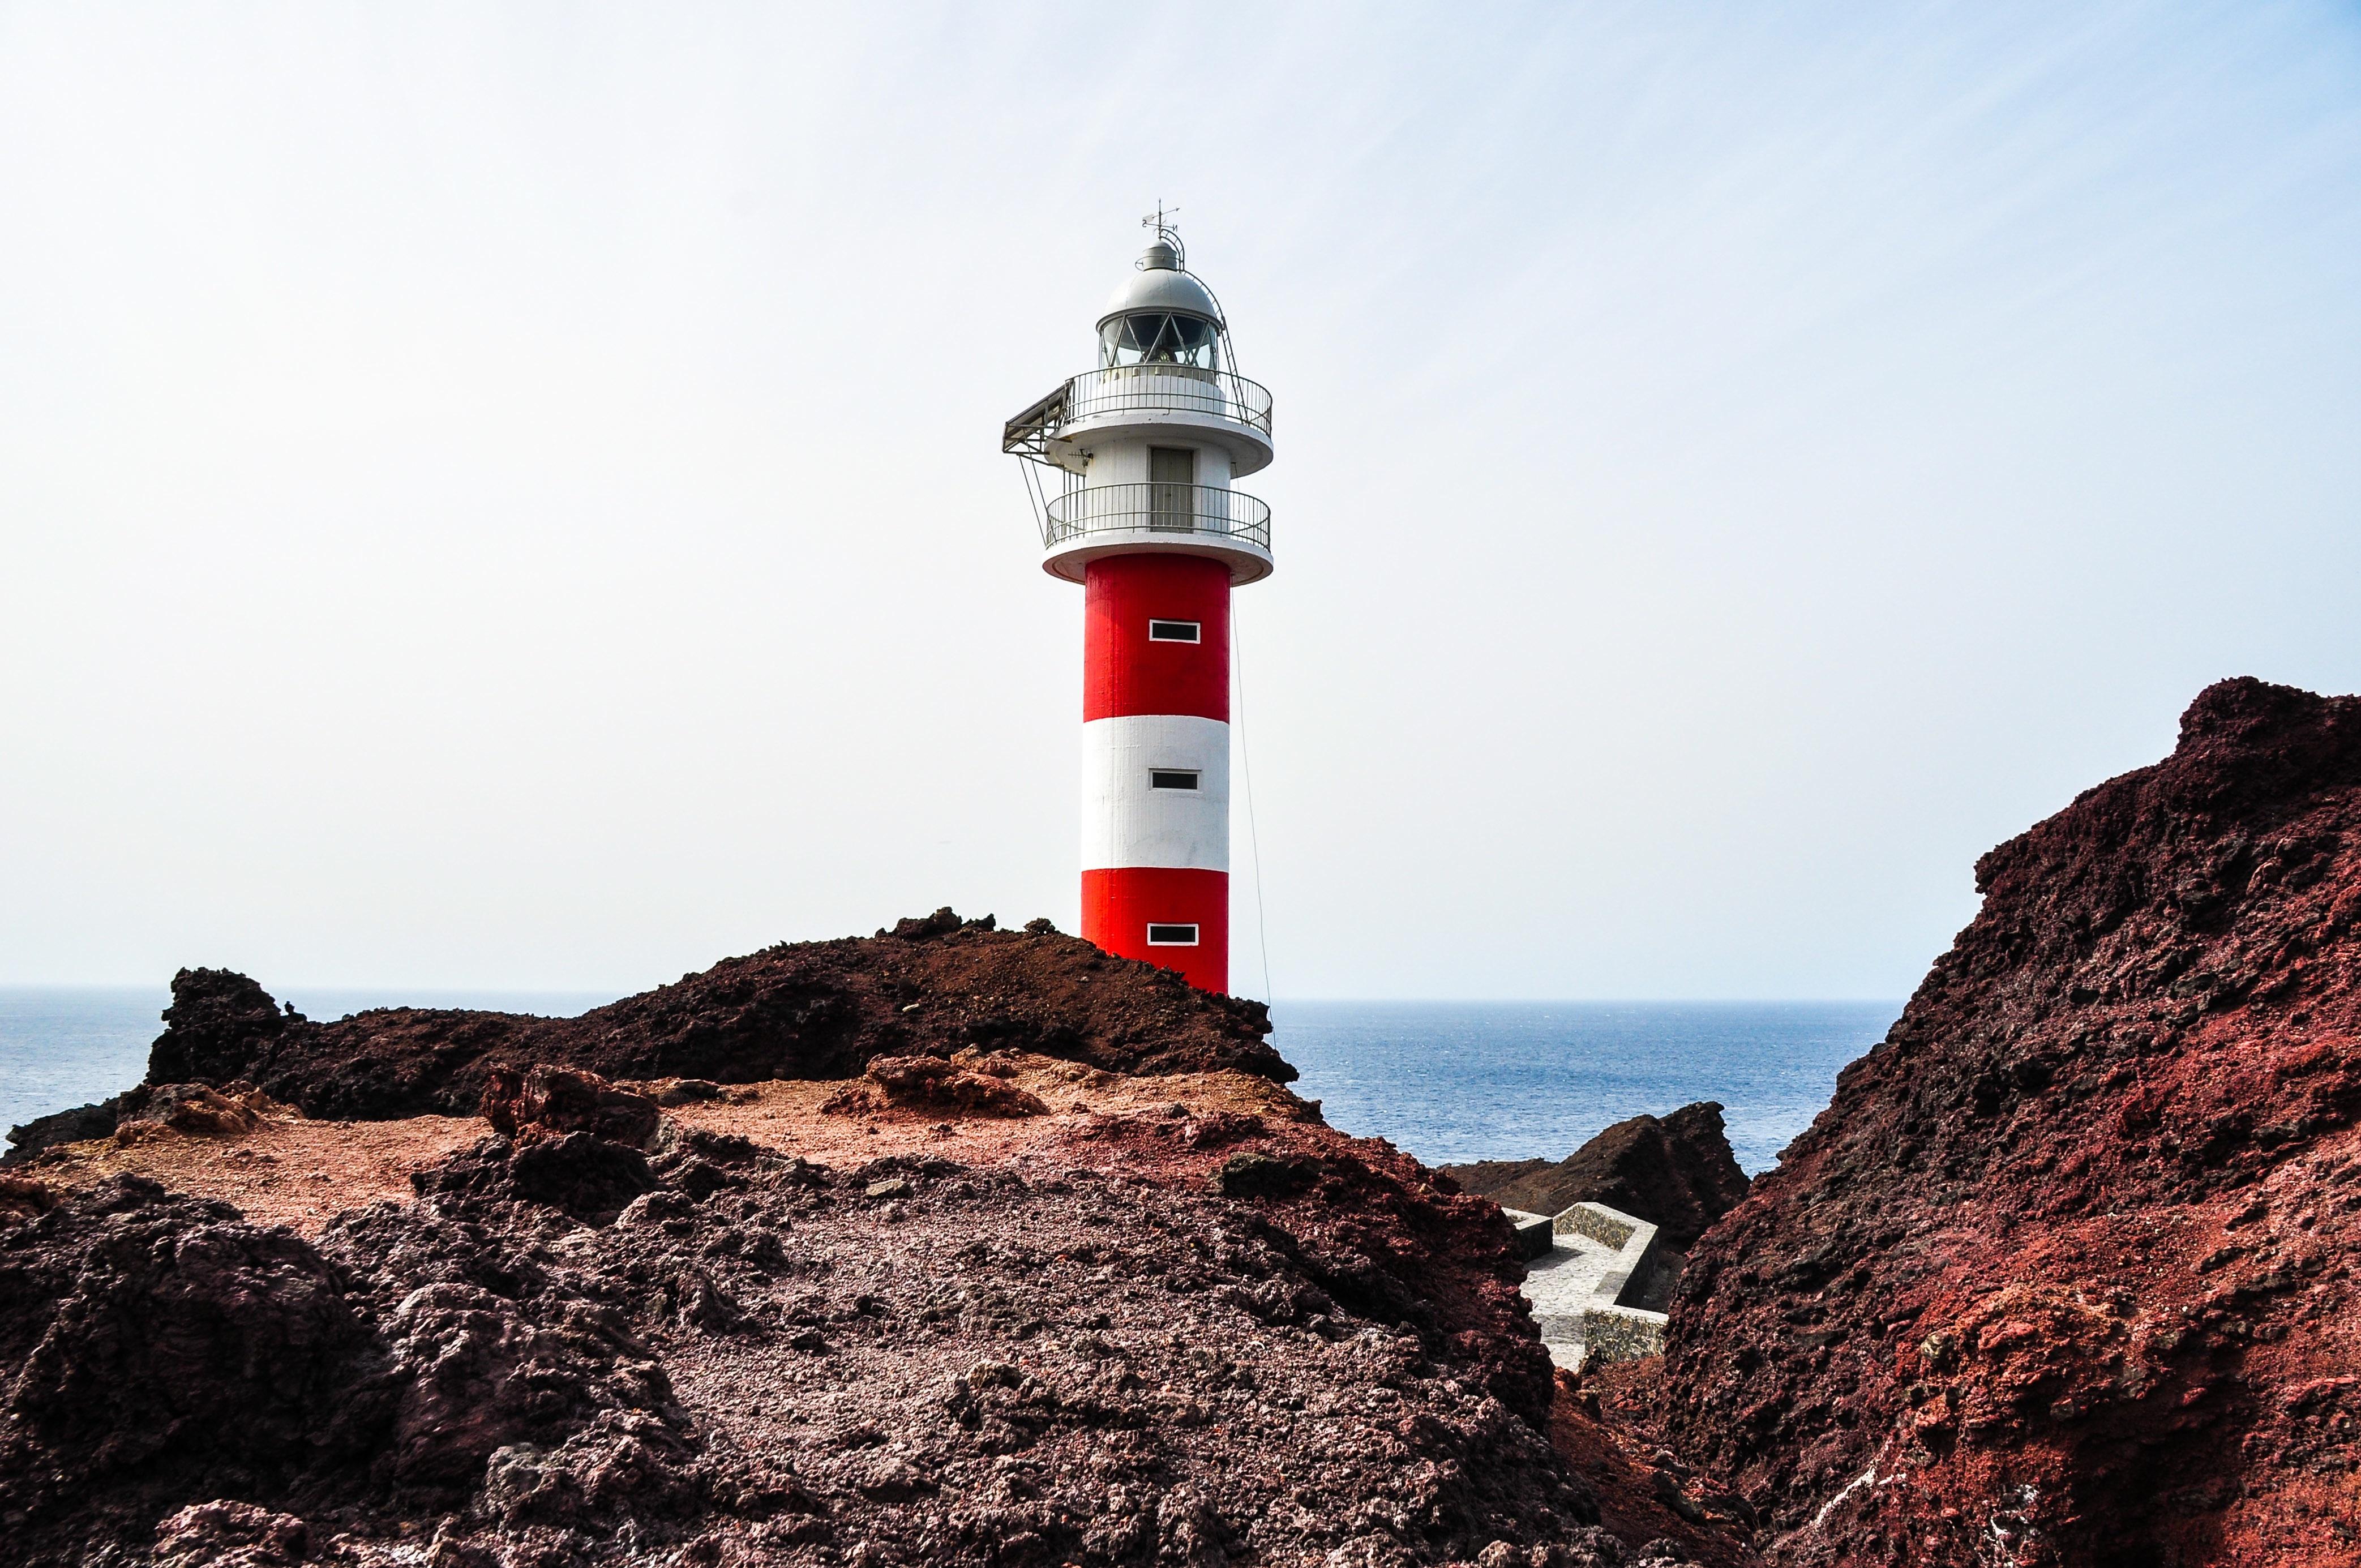 маяк на берегу моря фото деньки